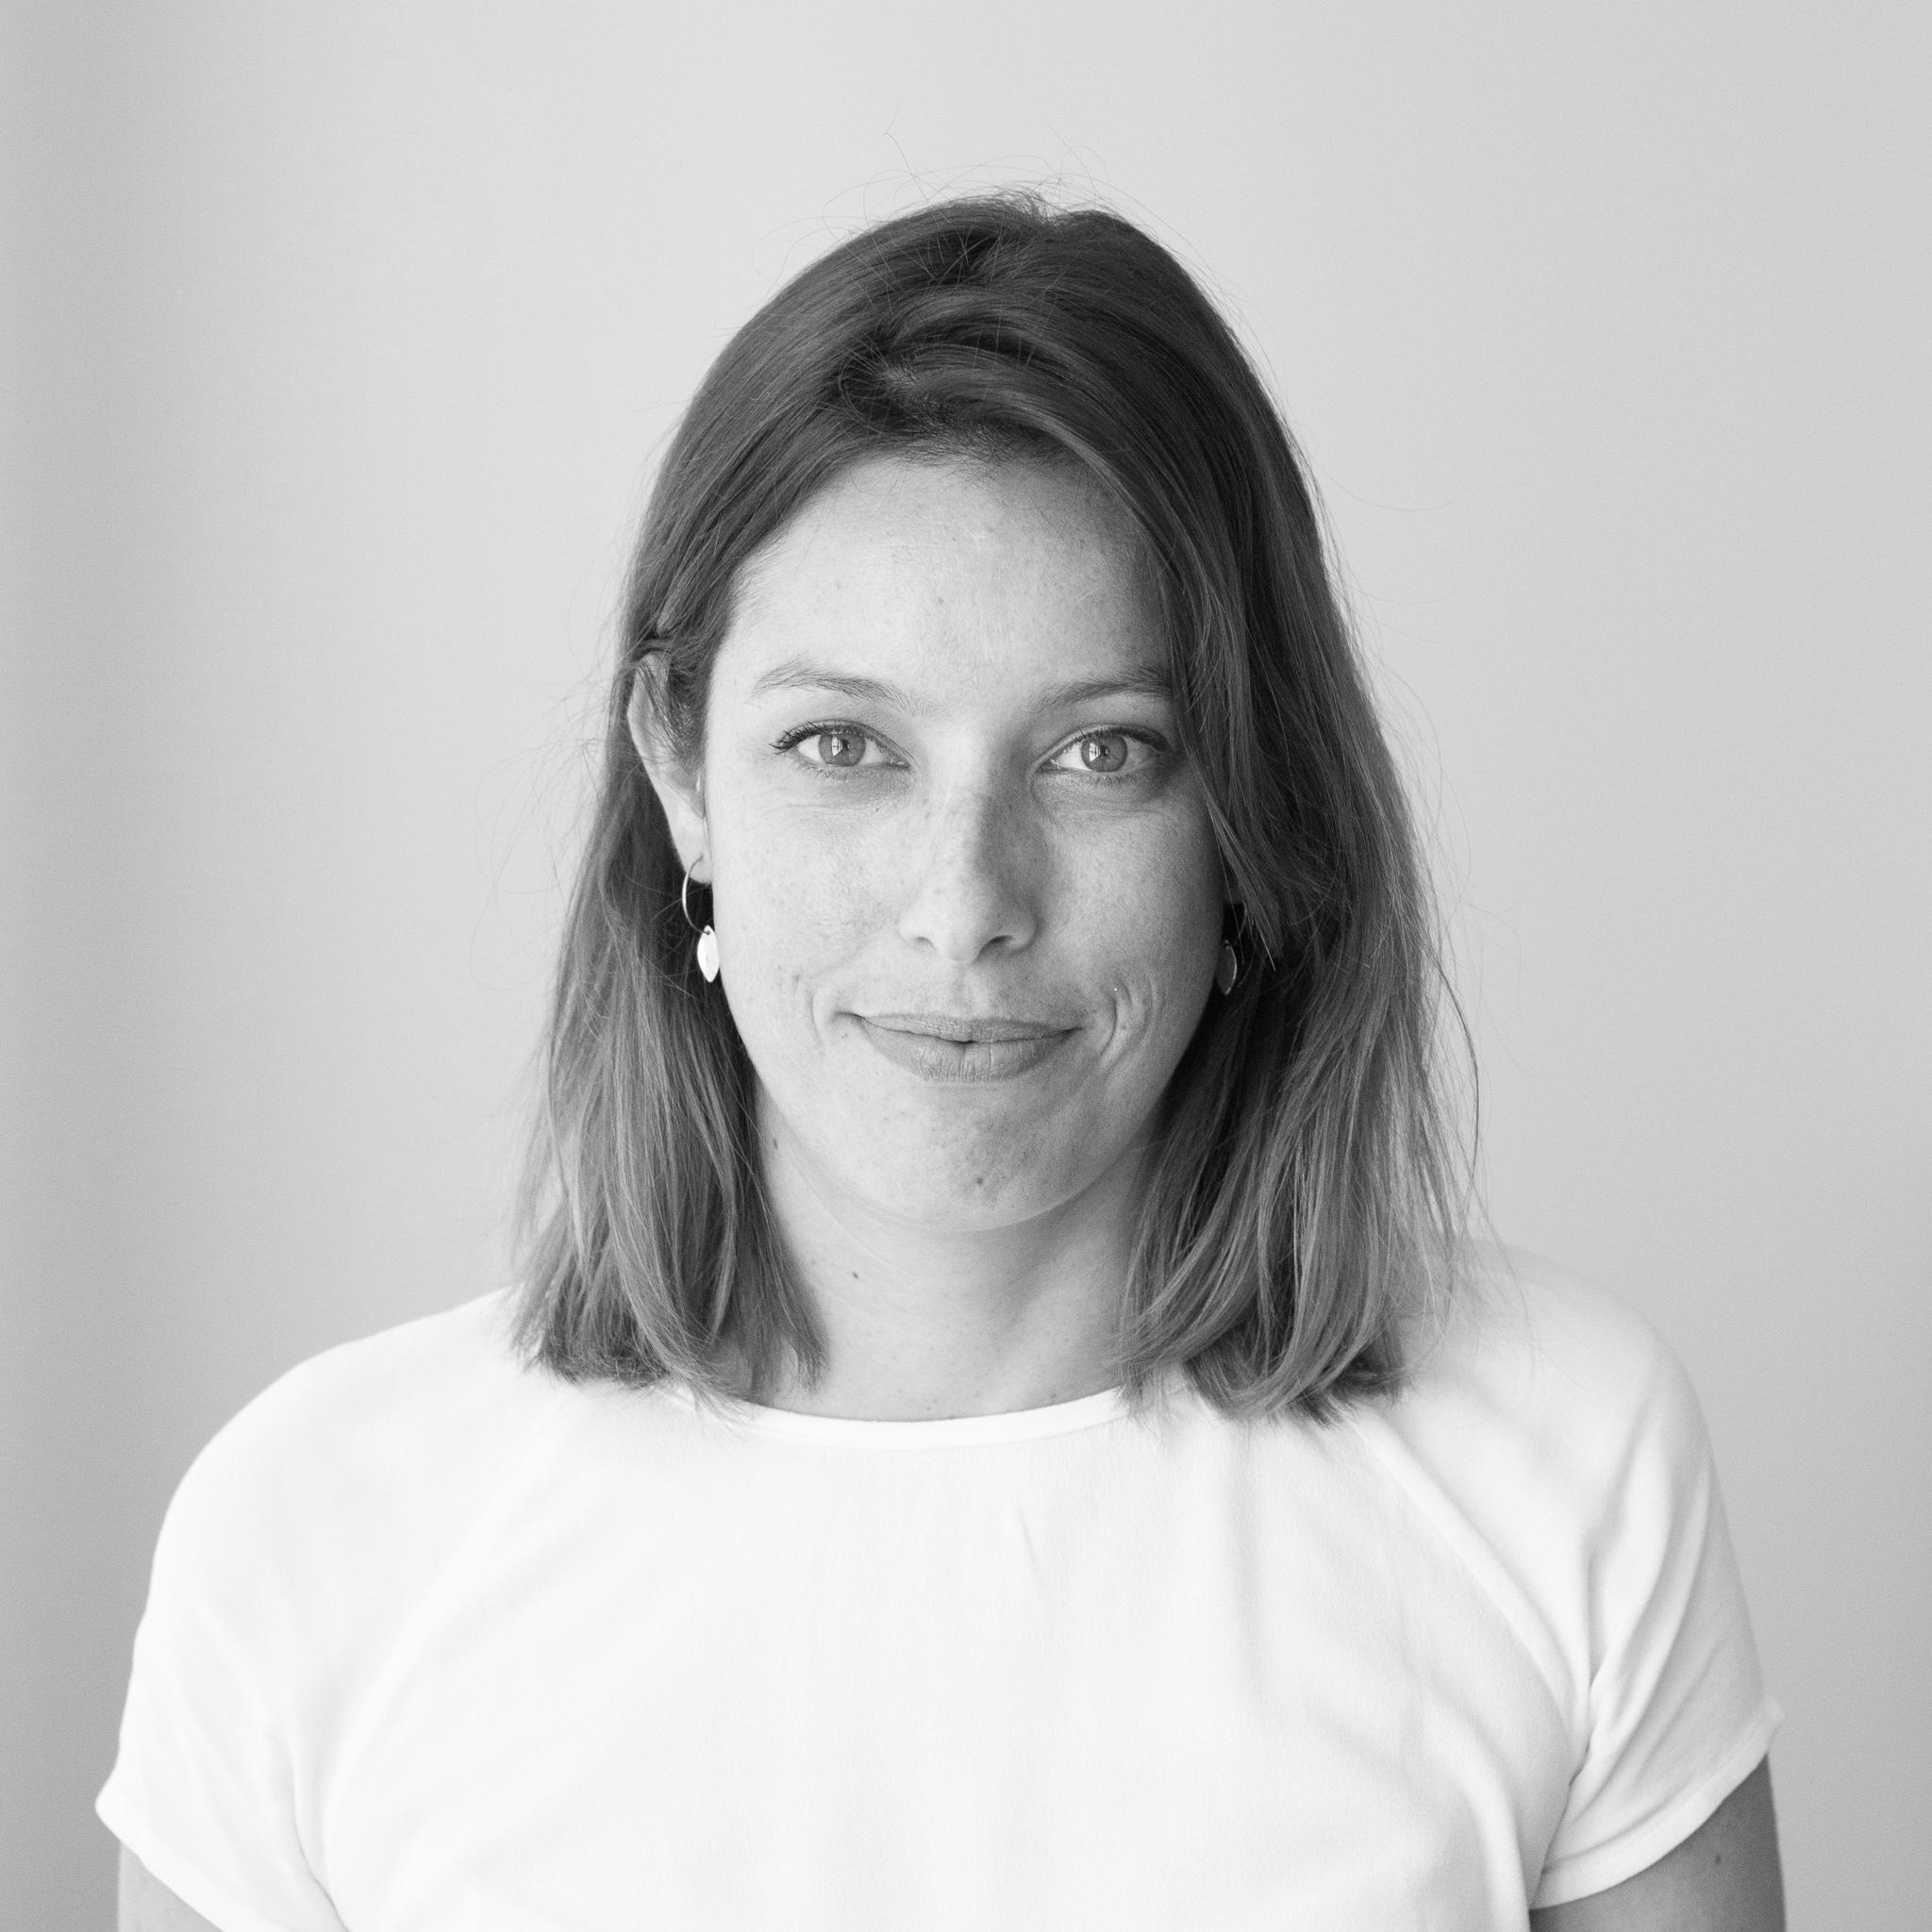 Margarida Colares Pinto Communication Manager